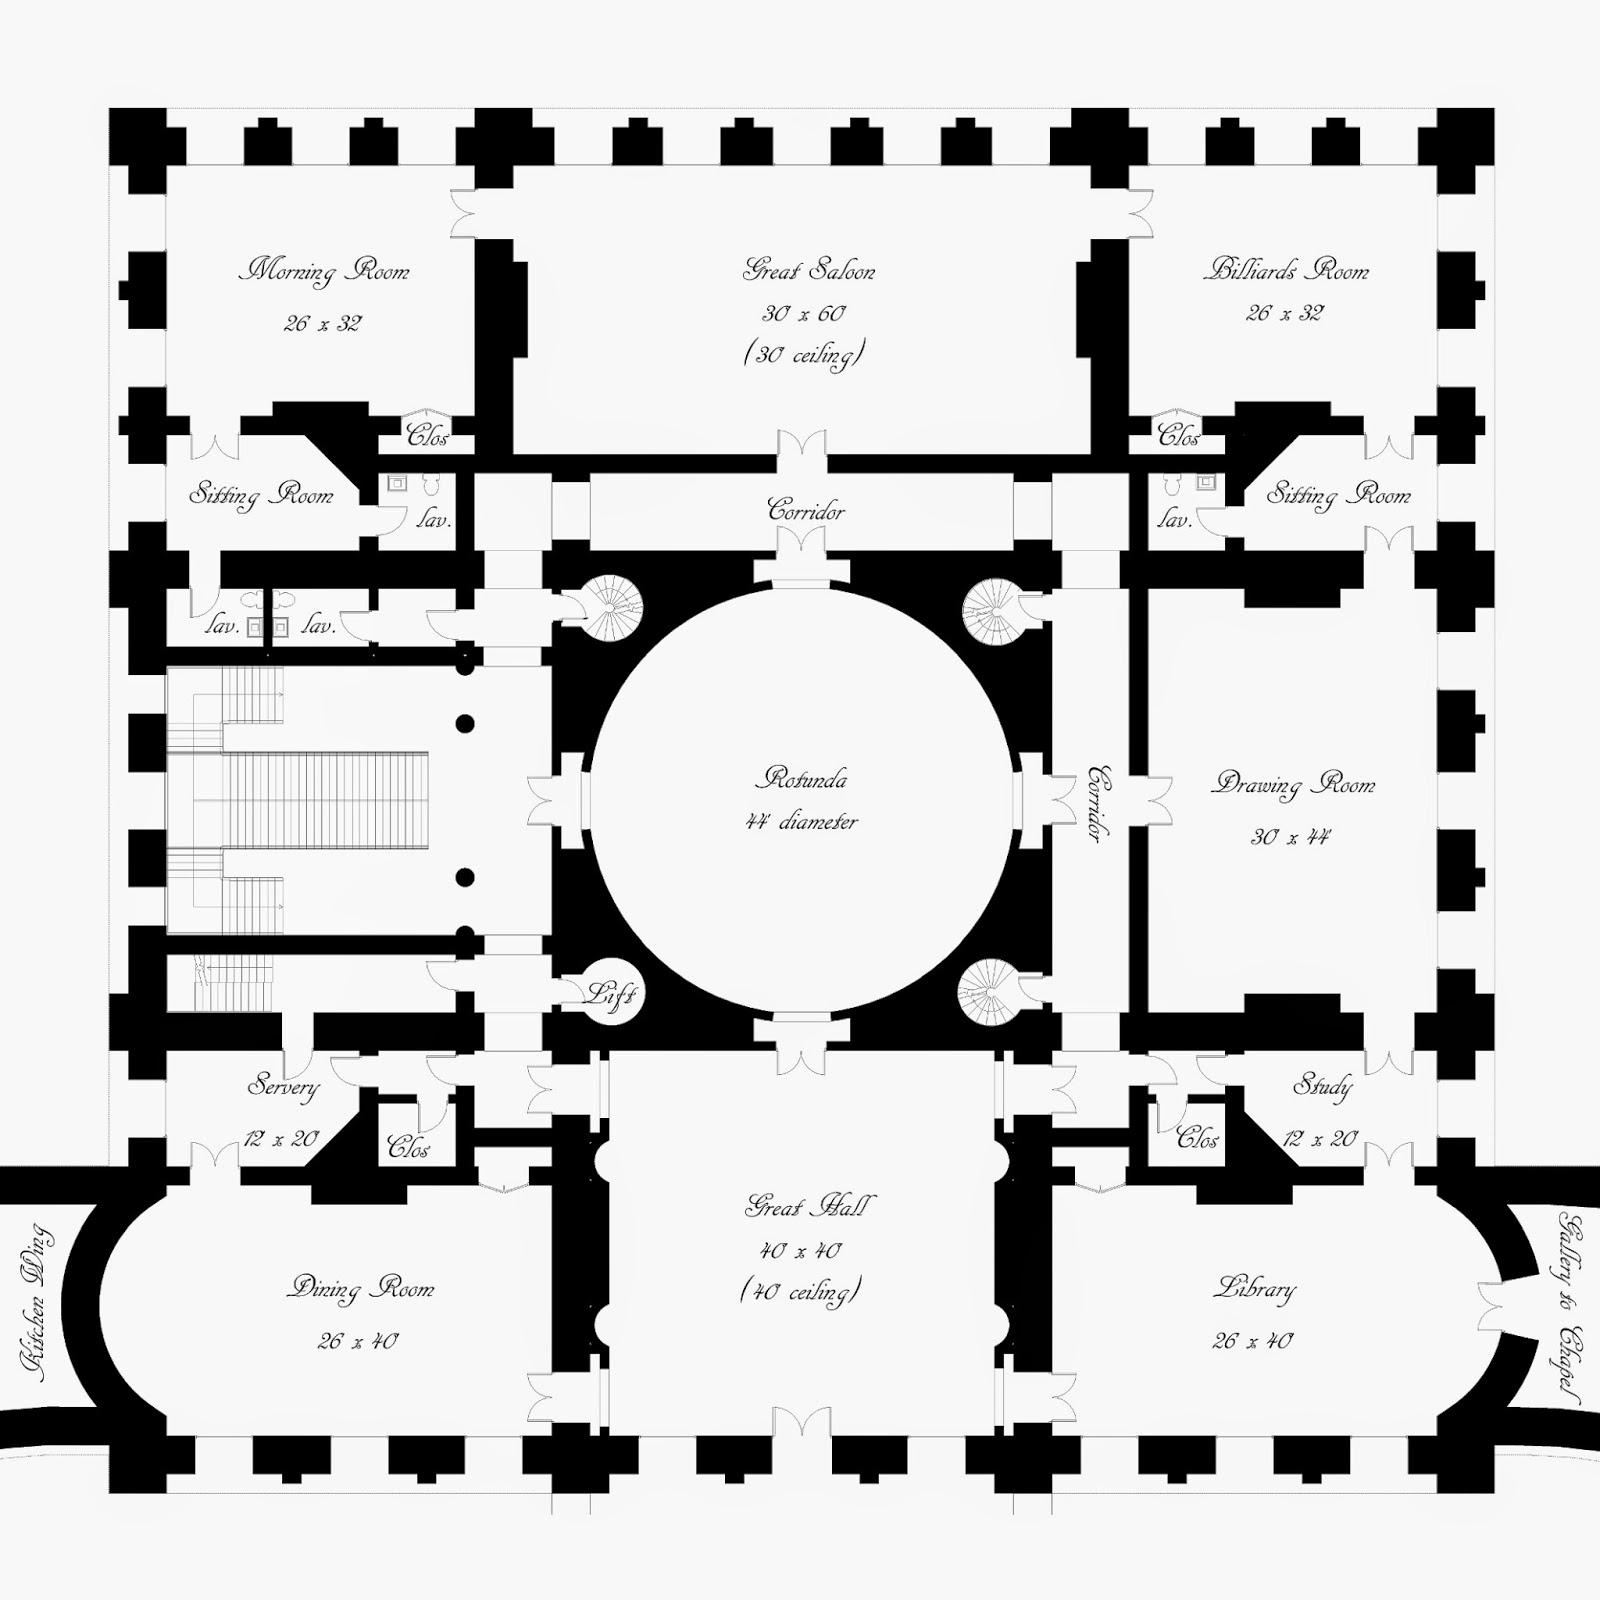 lord foxbridge in progress floor plans verevale court 4 bedroom property for sale in knole langport 163 795 000